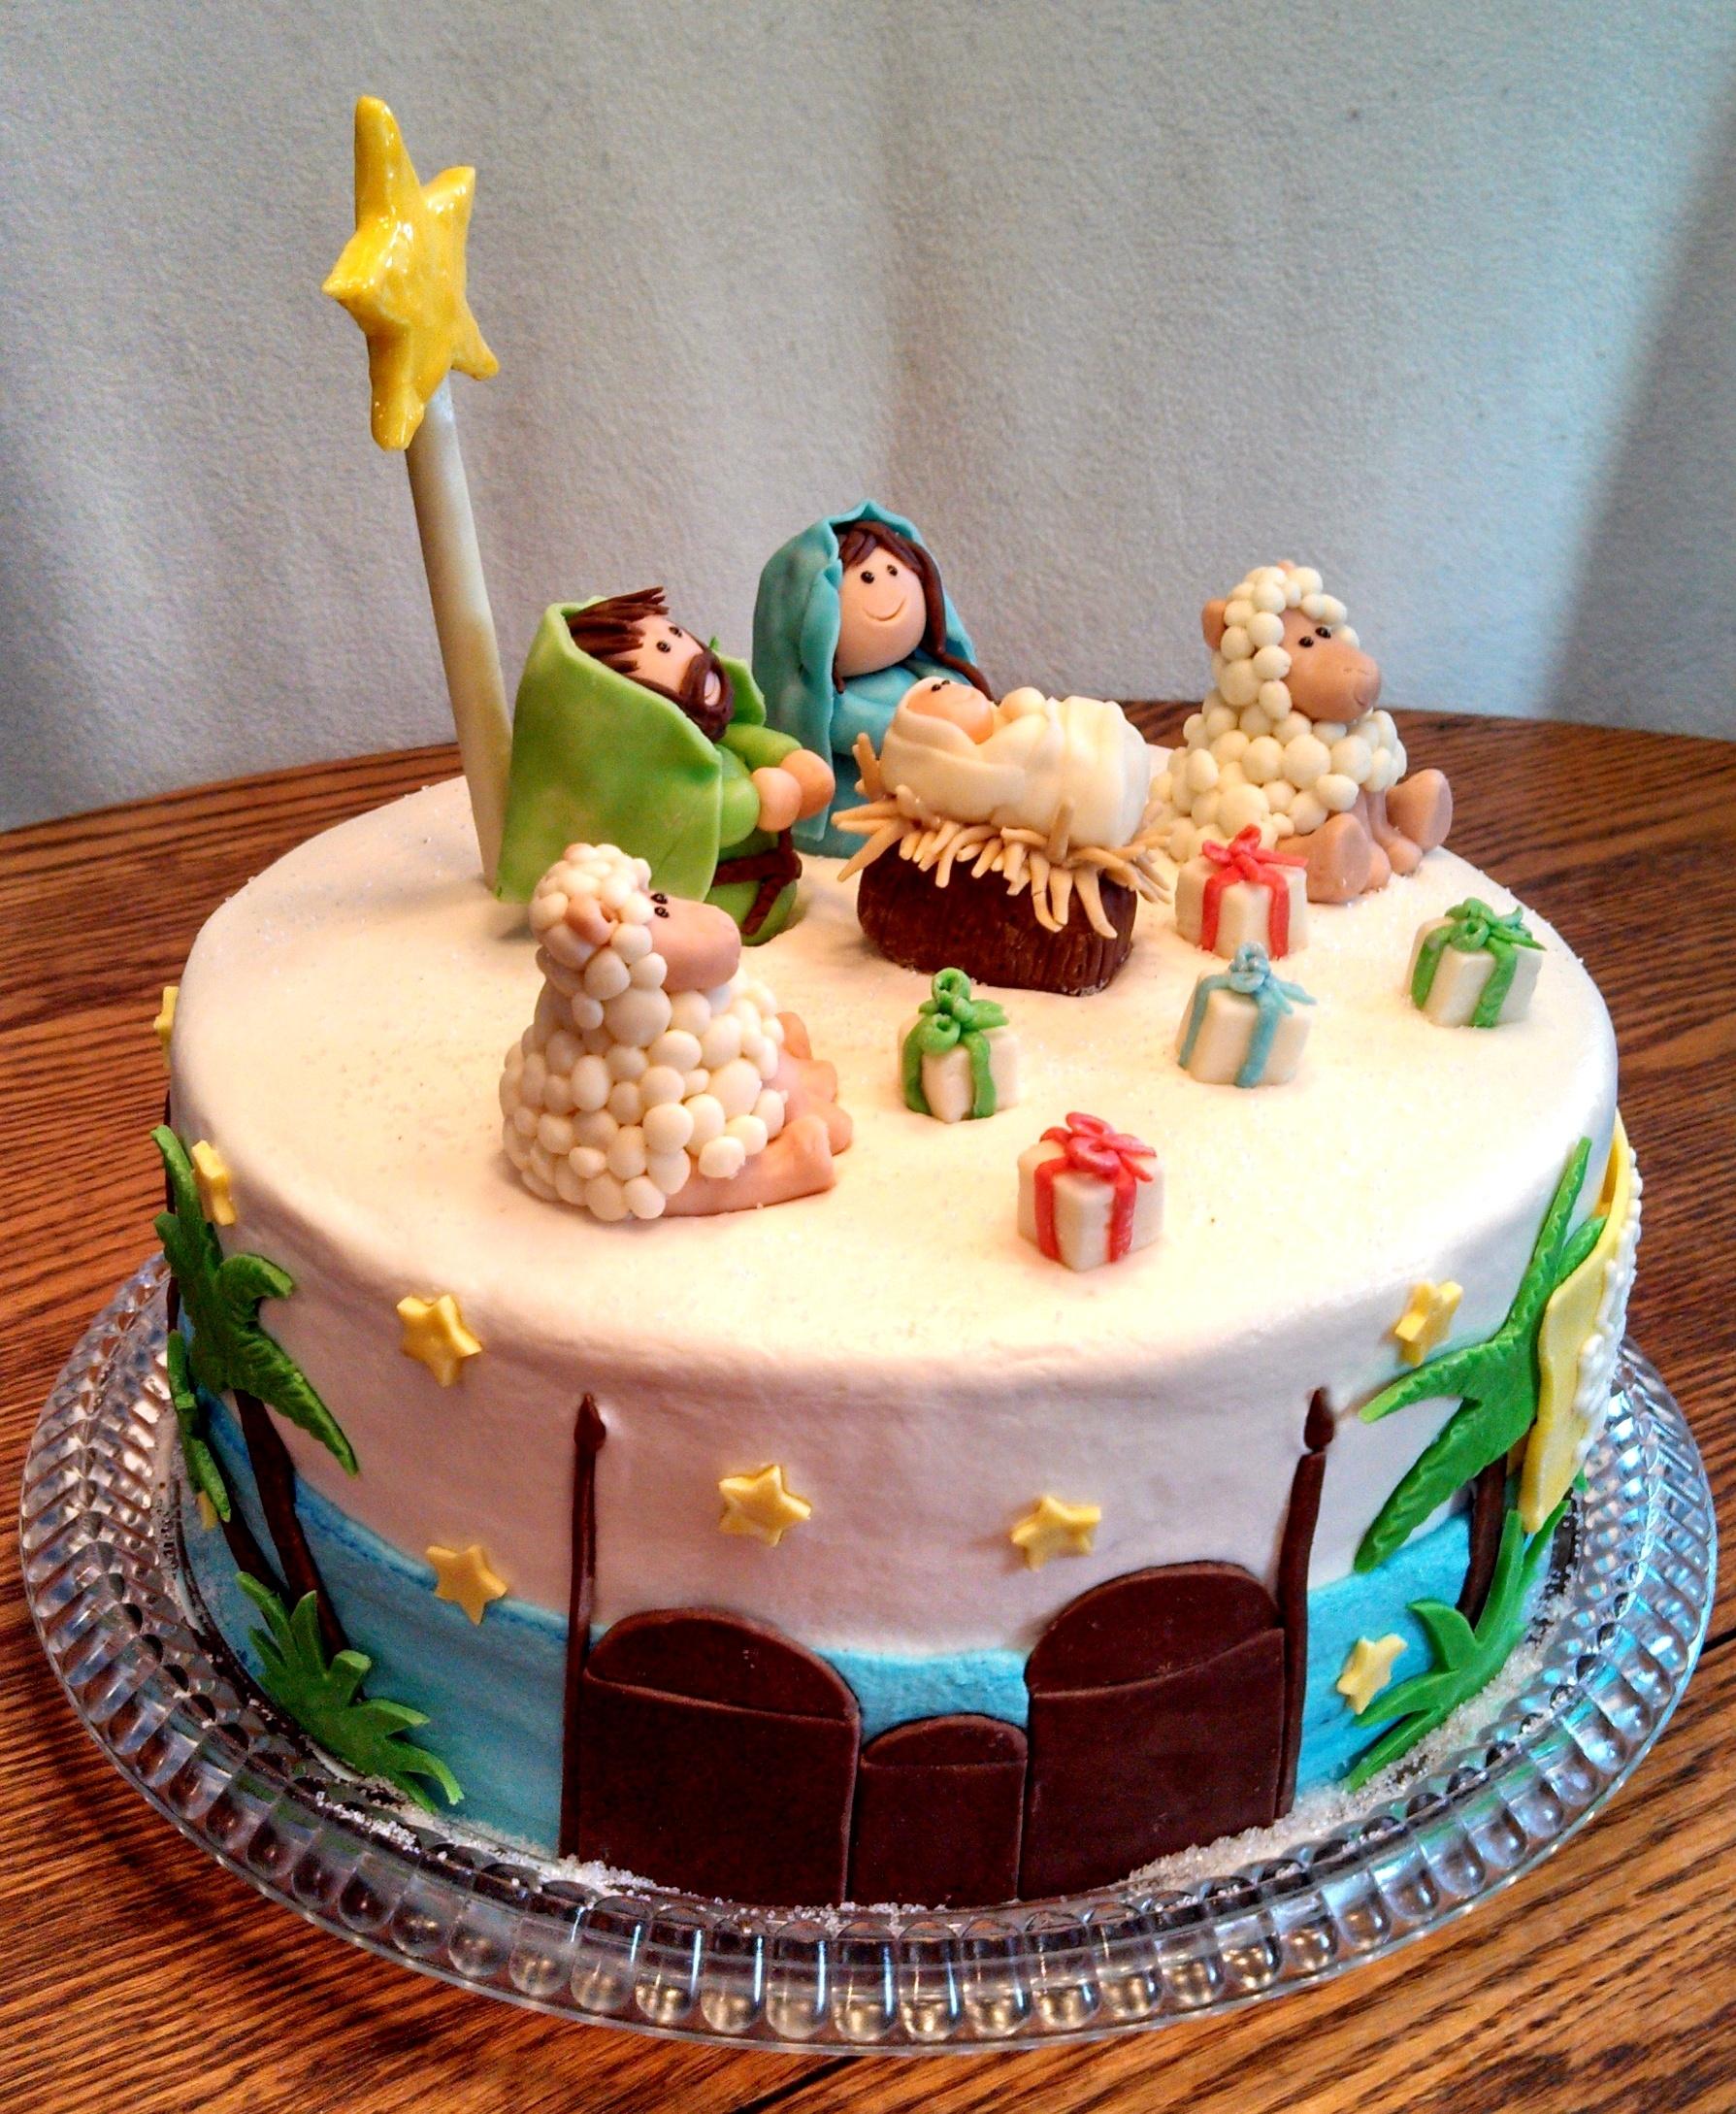 Happy Birthday Jesus Cake Decorations